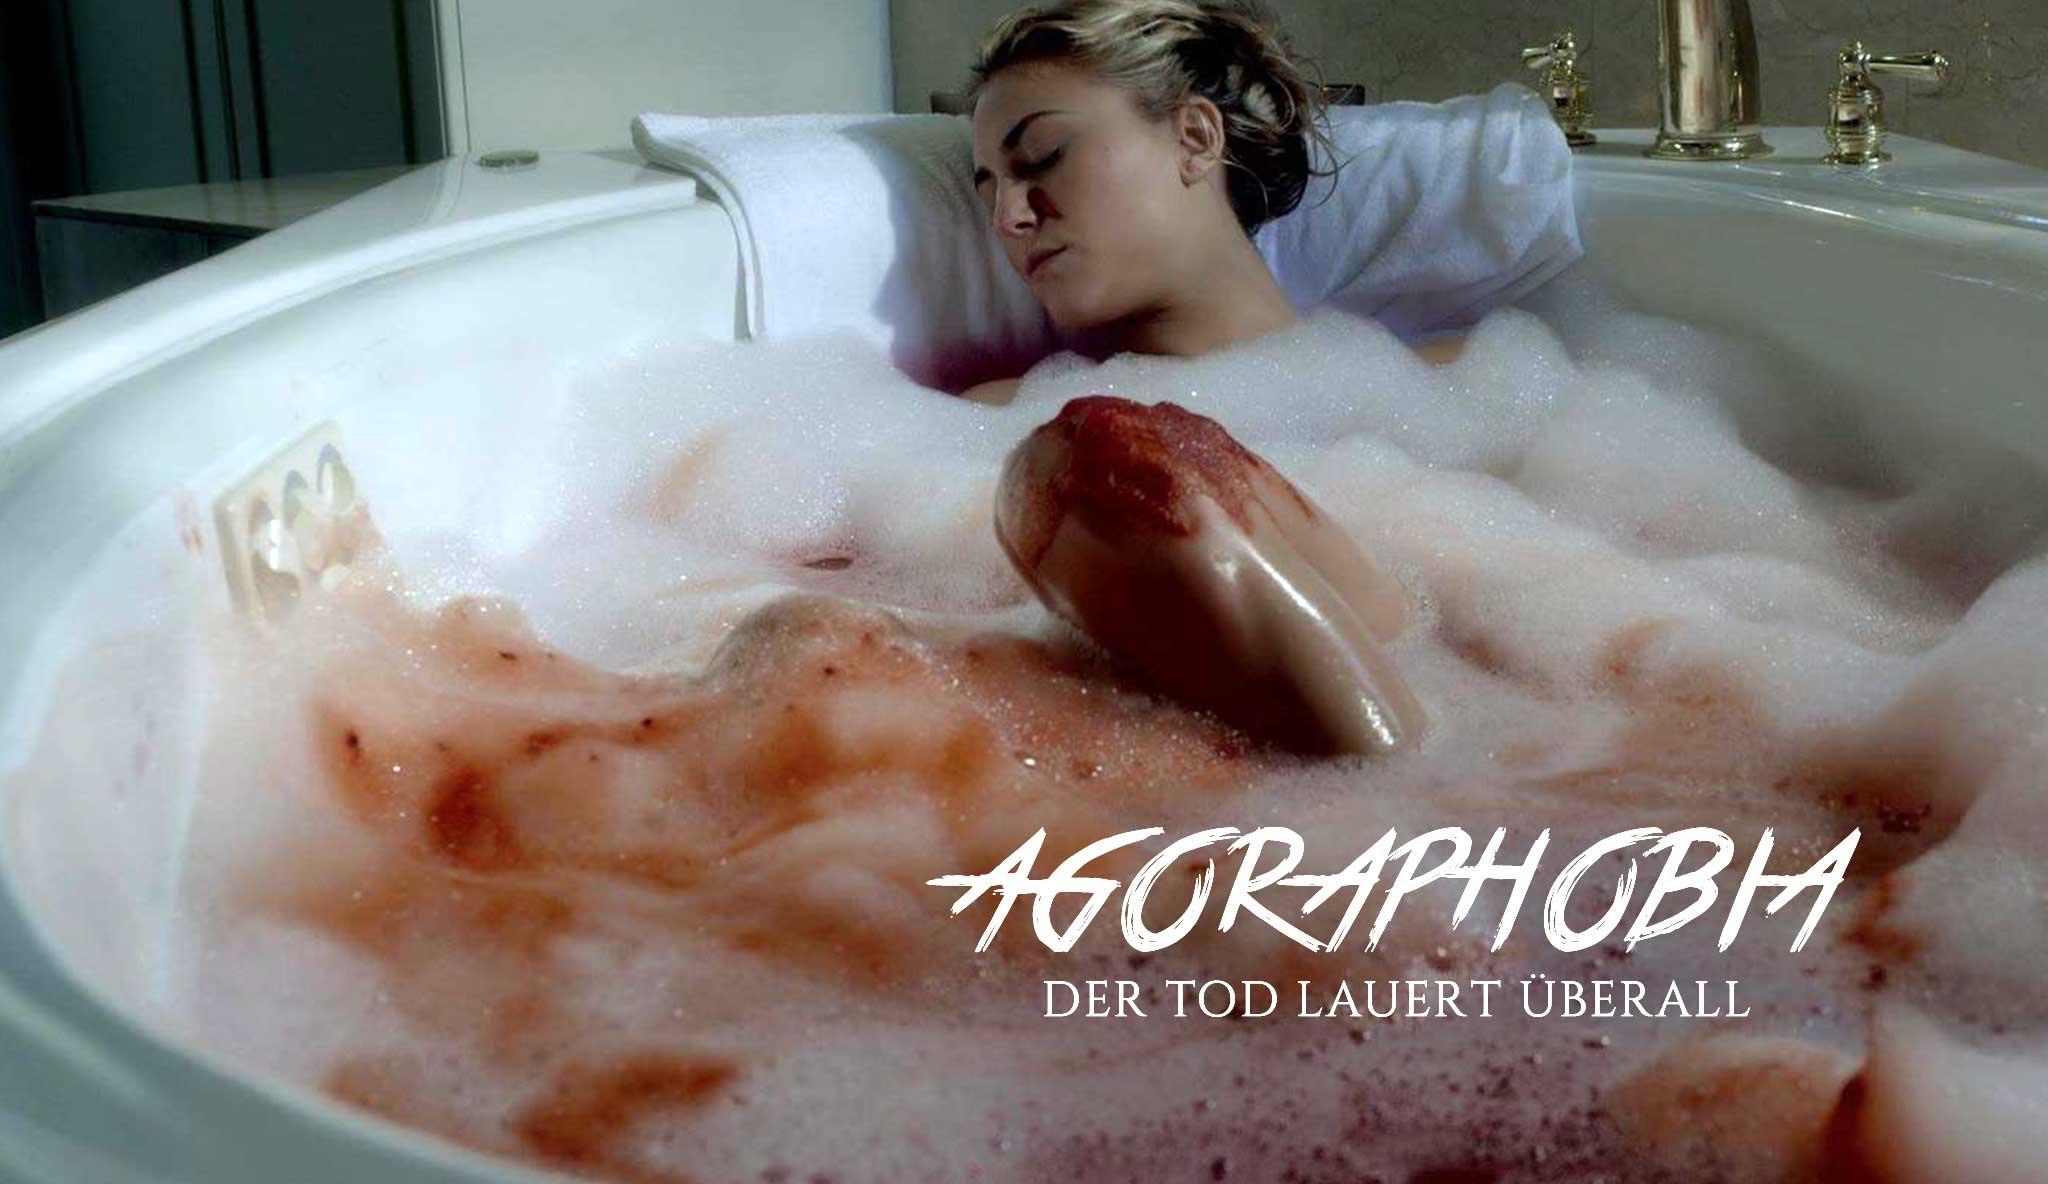 agoraphobia-der-tod-lauert-uberall\header.jpg